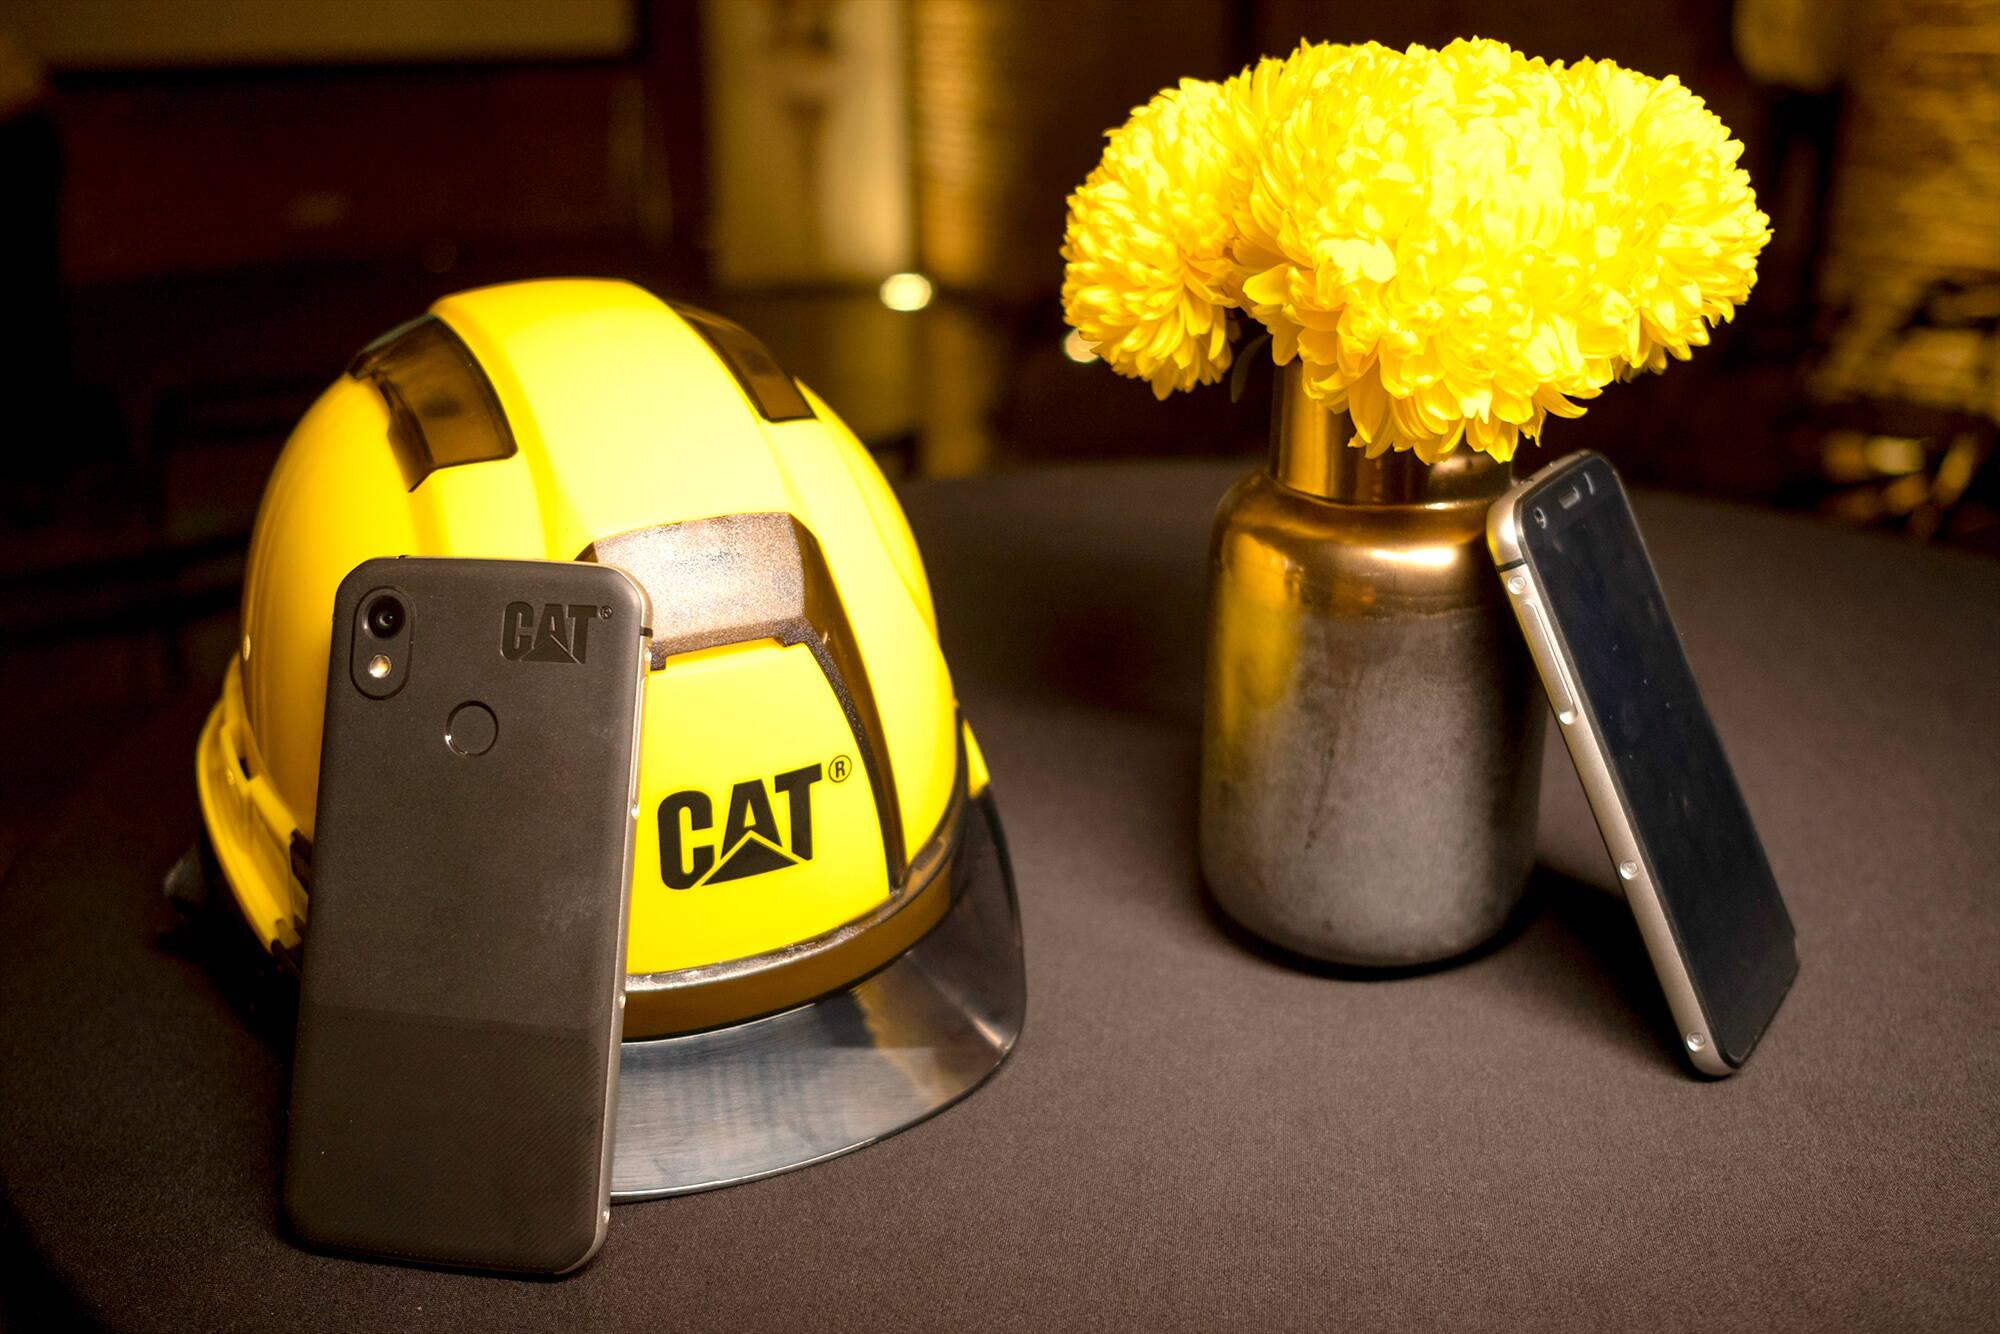 cat s52 featured